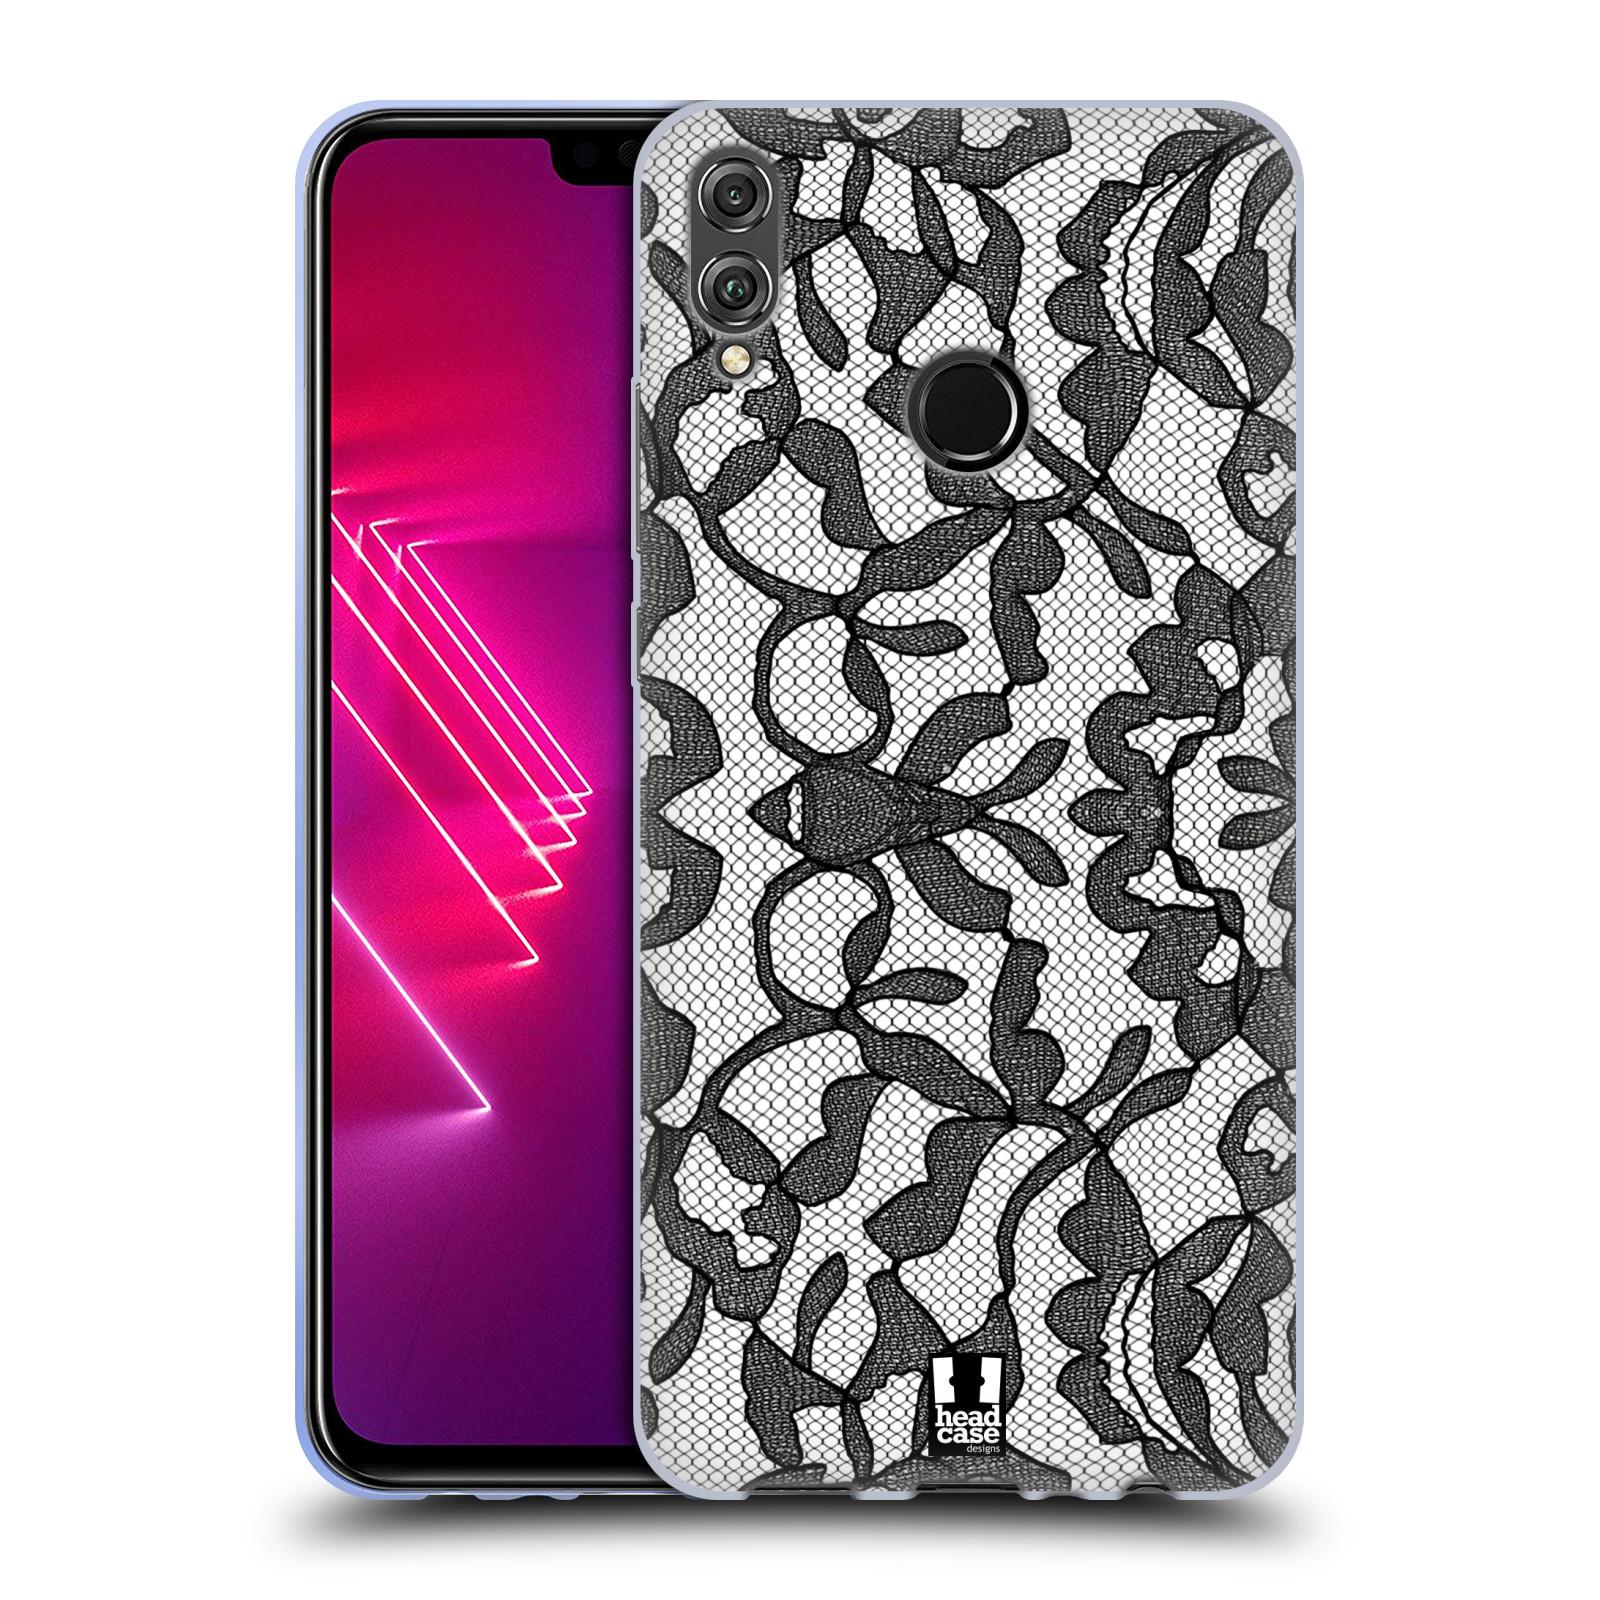 Silikonové pouzdro na mobil Honor View 10 Lite - Head Case - LEAFY KRAJKA